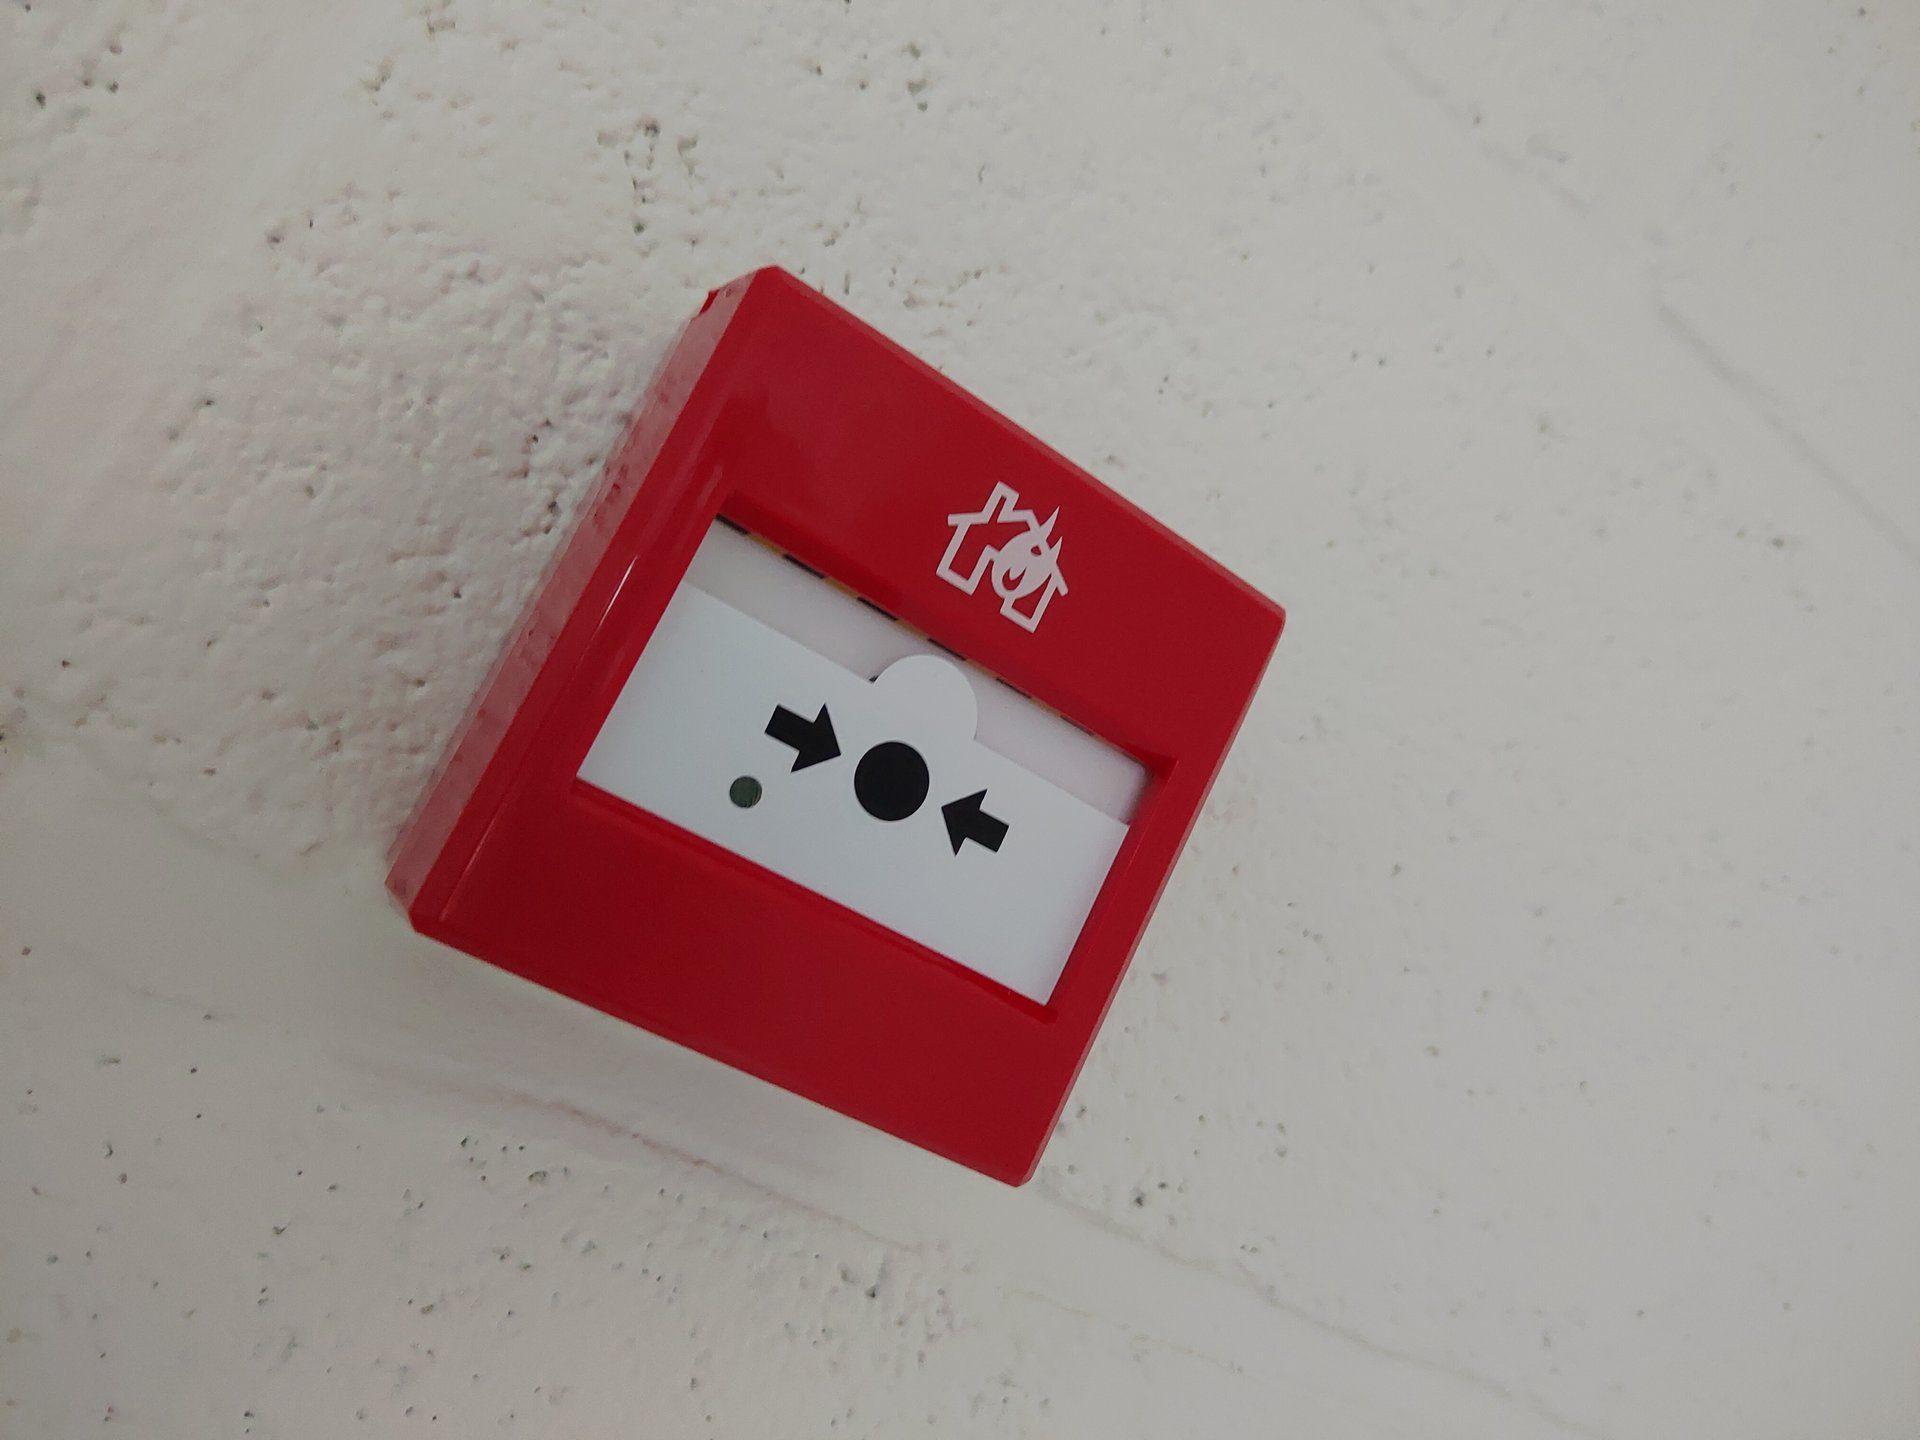 alarme plus bouton urgence incendie liege belgique